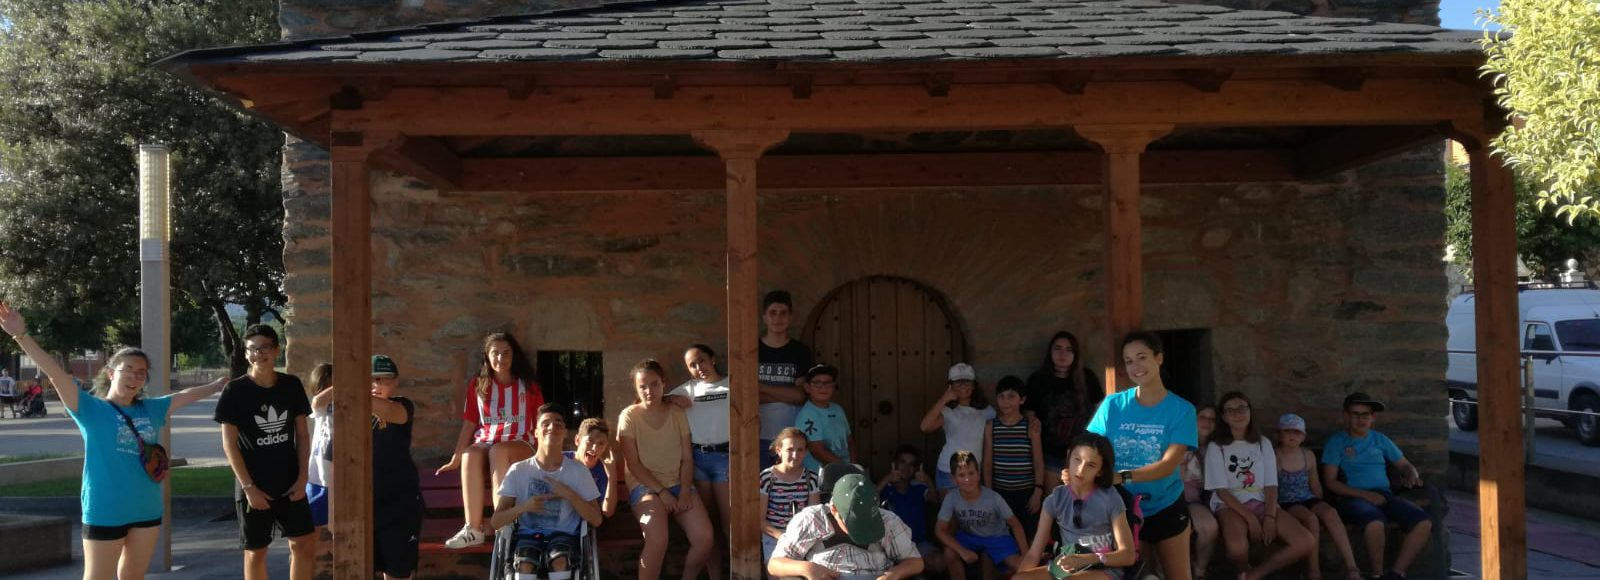 Campistas de 2018 en actividades del campamento